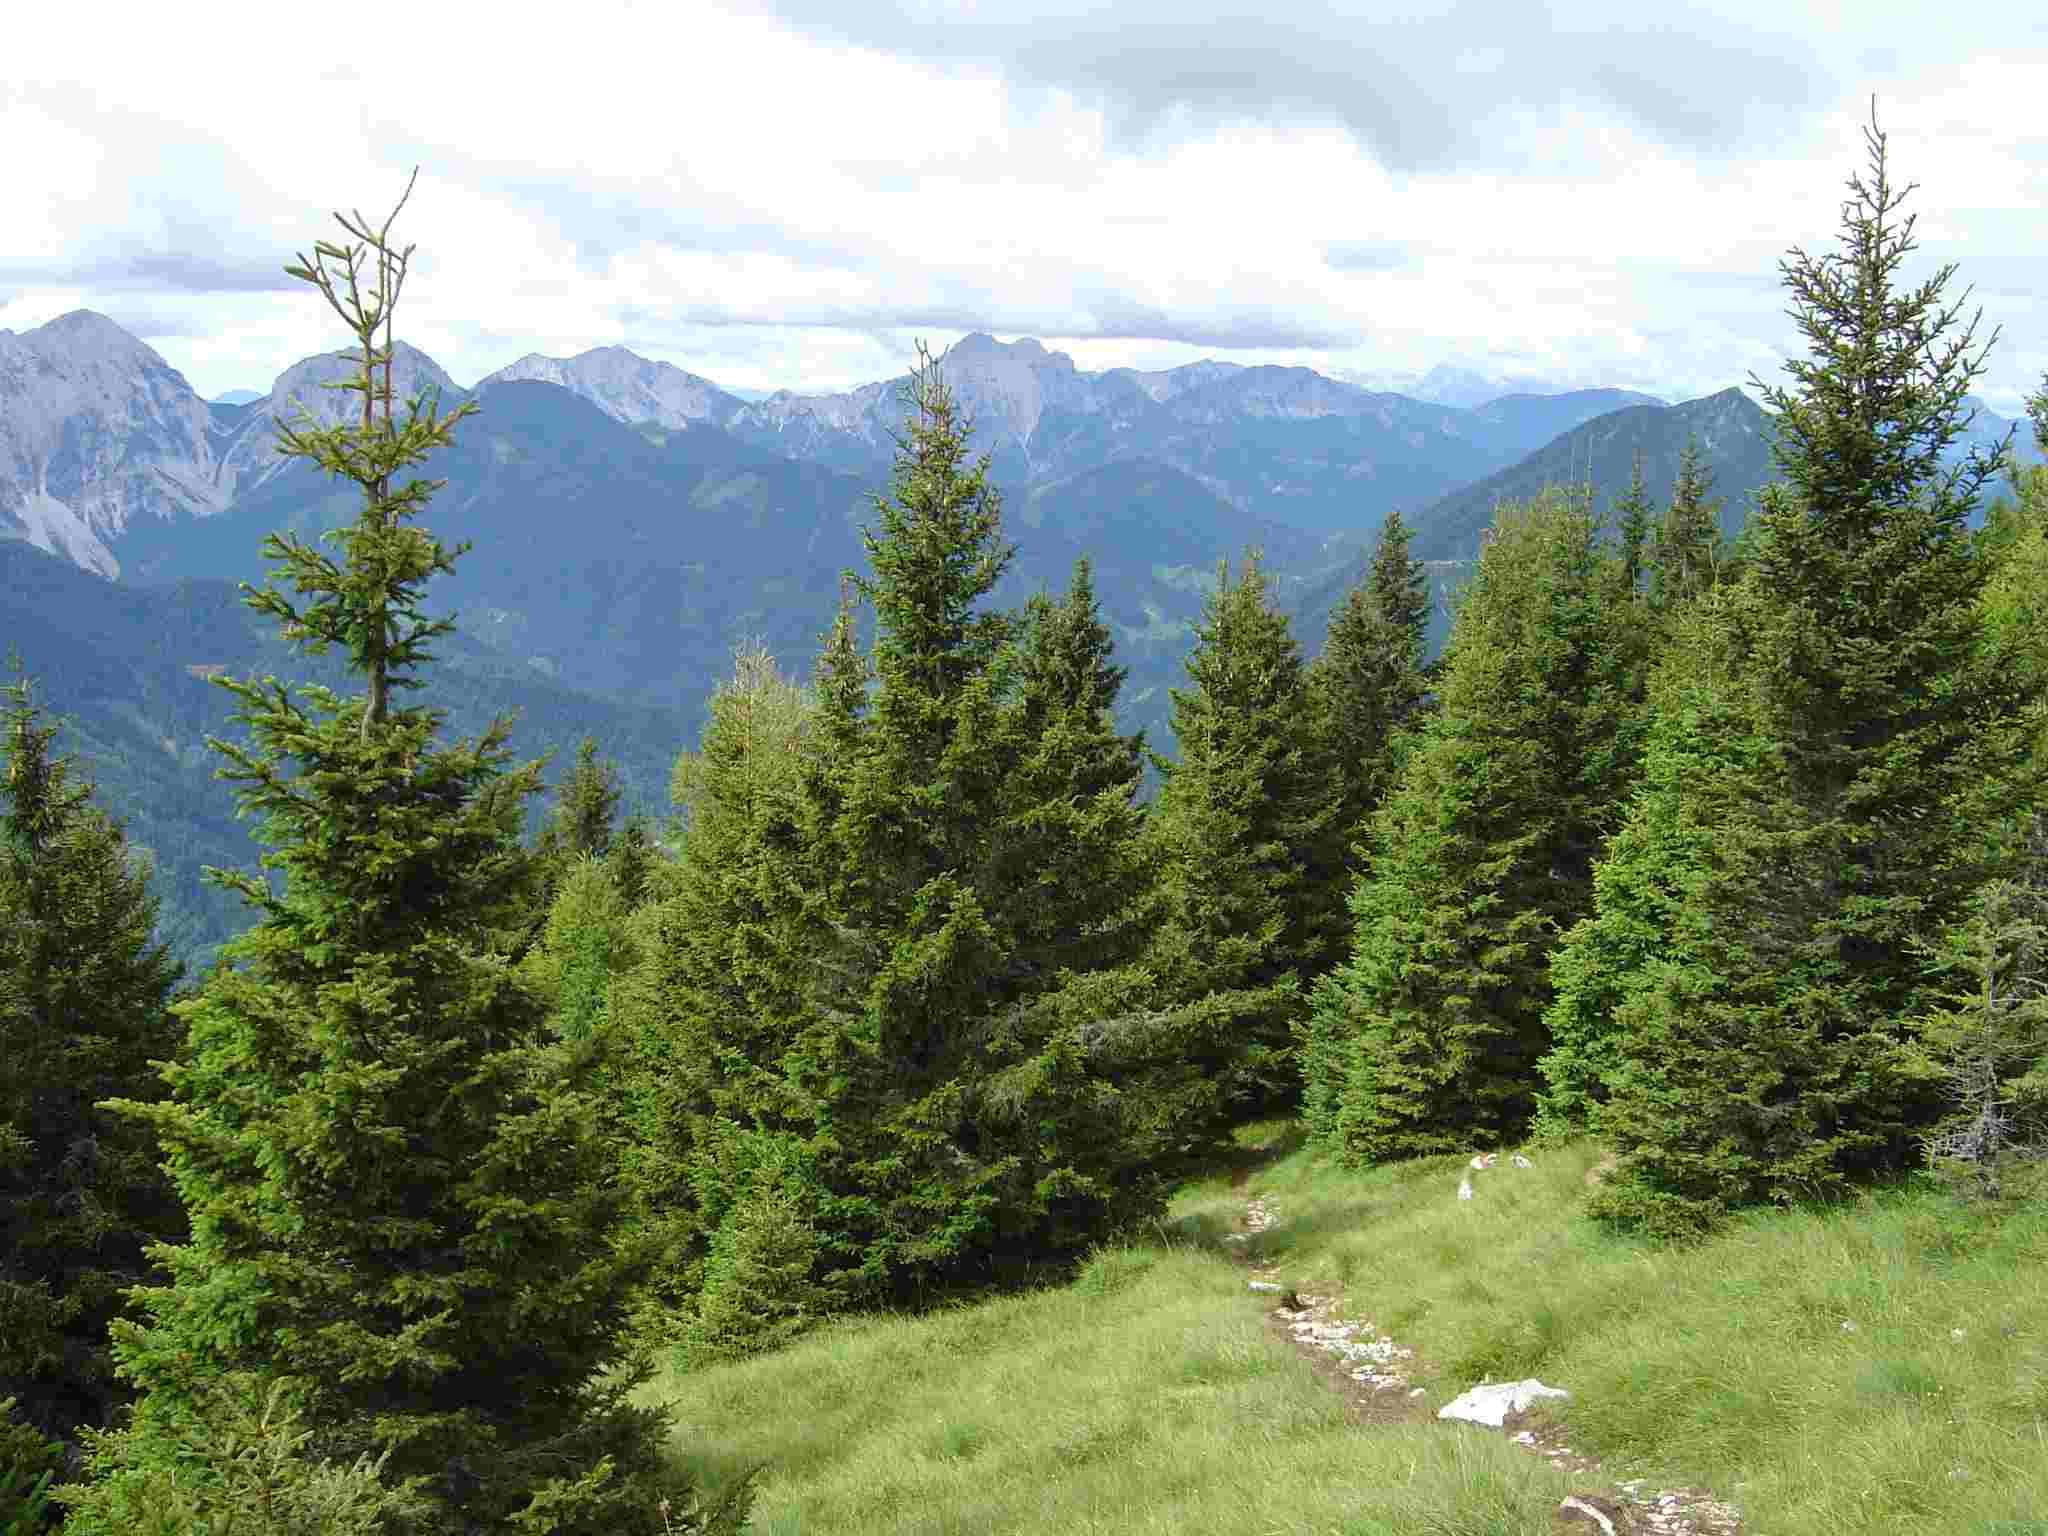 Foto: Manfred Karl / Wander Tour / Freiberg (Setitsche), 1923 m / Am Beginn der Almwiesen, die zum Gipfel hinaufleiten. / 05.05.2007 18:36:58